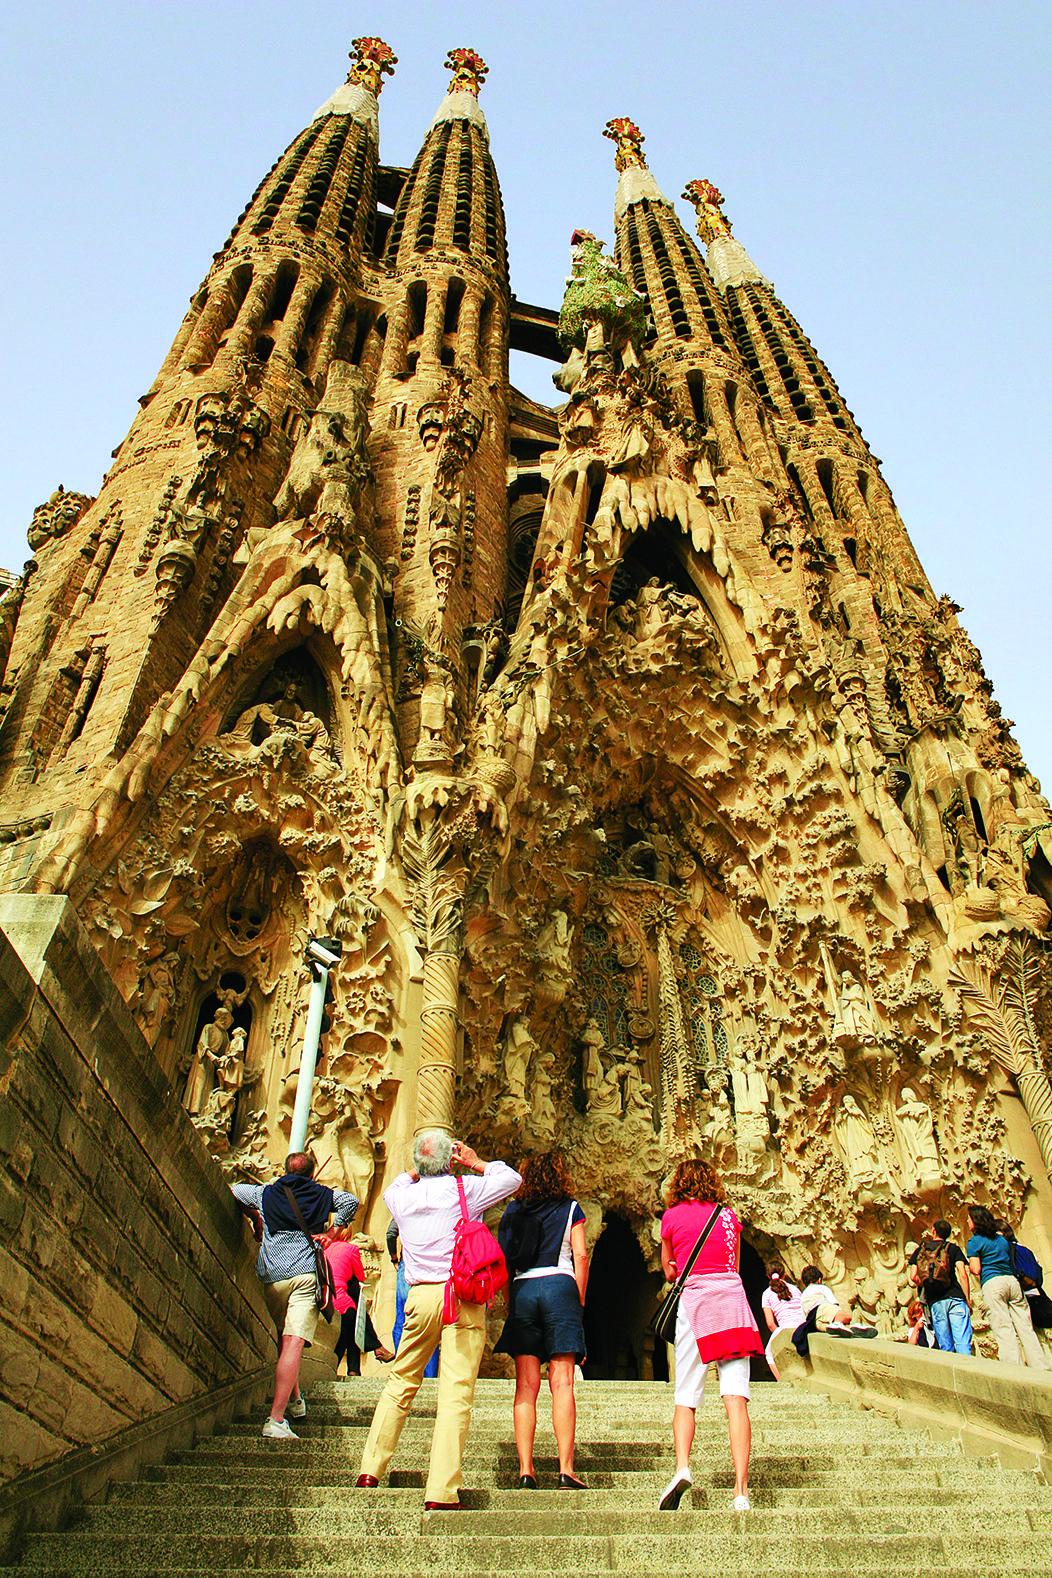 La_Sagrada_Familia_Barcelona.jpg